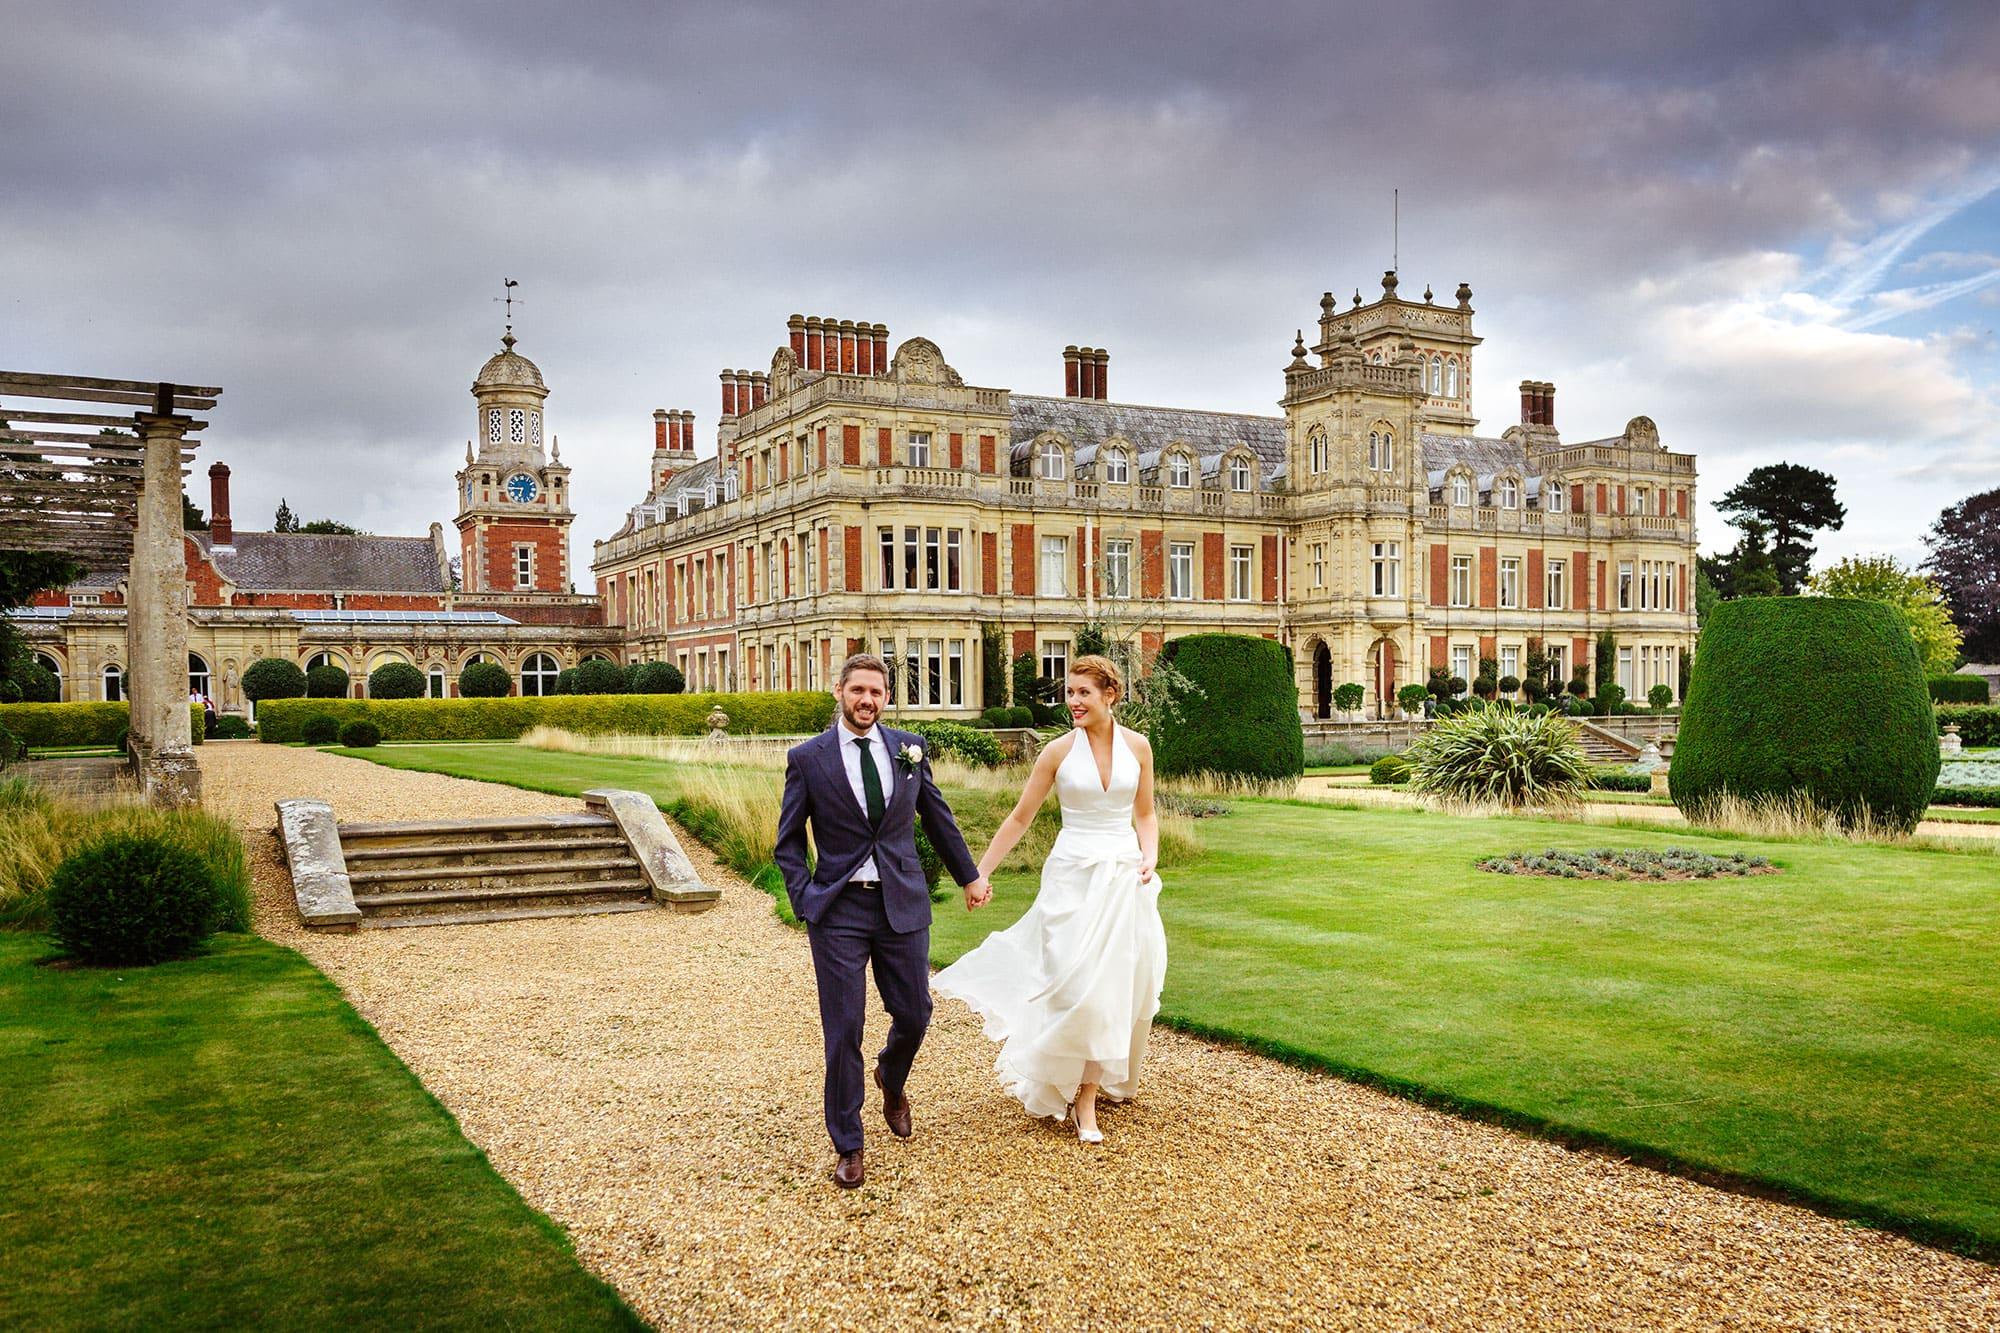 Somerleyton Hall wedding of Heather & Andrew